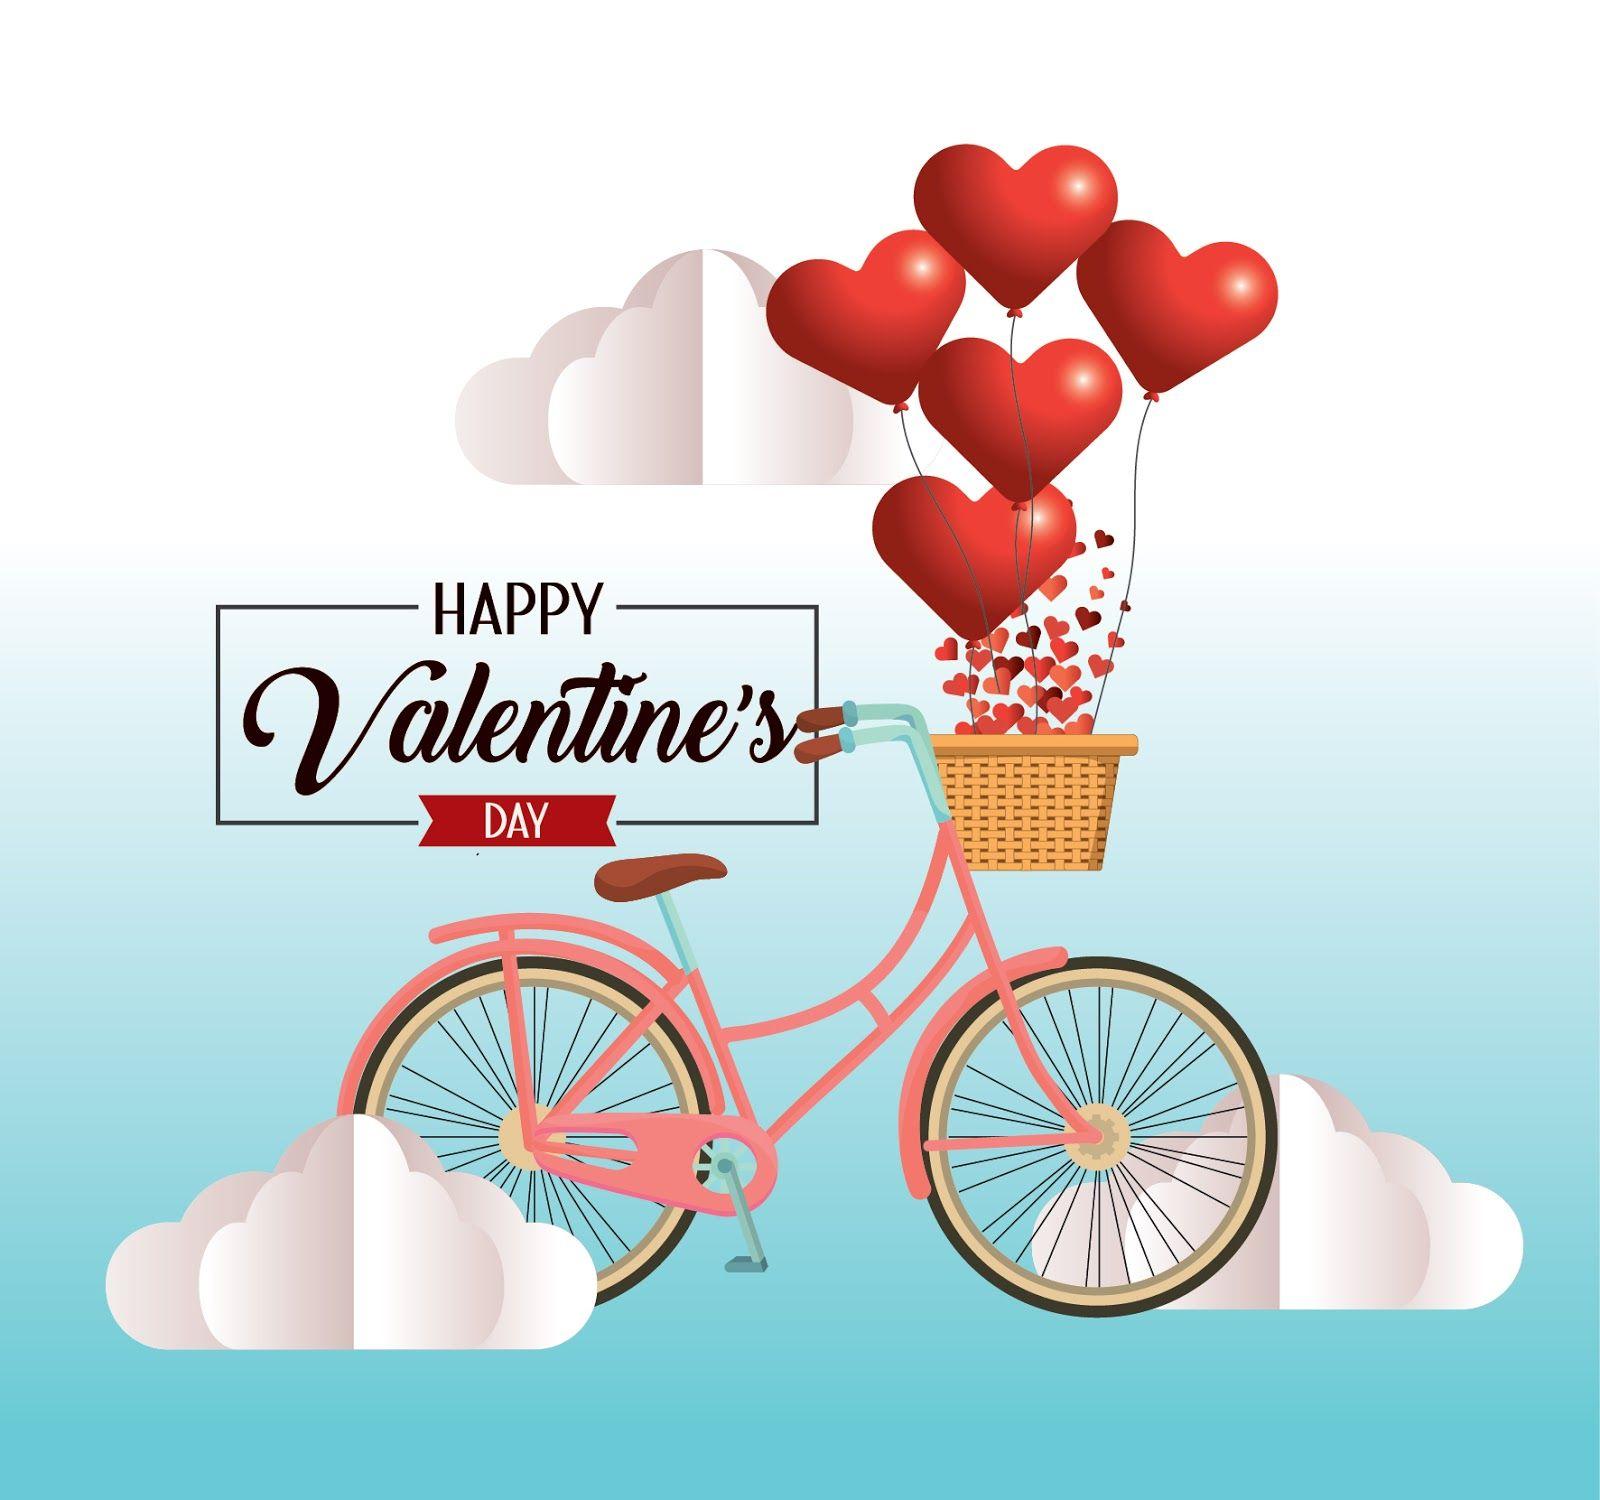 أحلى صور عيد الحب 2020 عالم الصور Valentines Day Funny Happy Valentines Day Happy Valentine